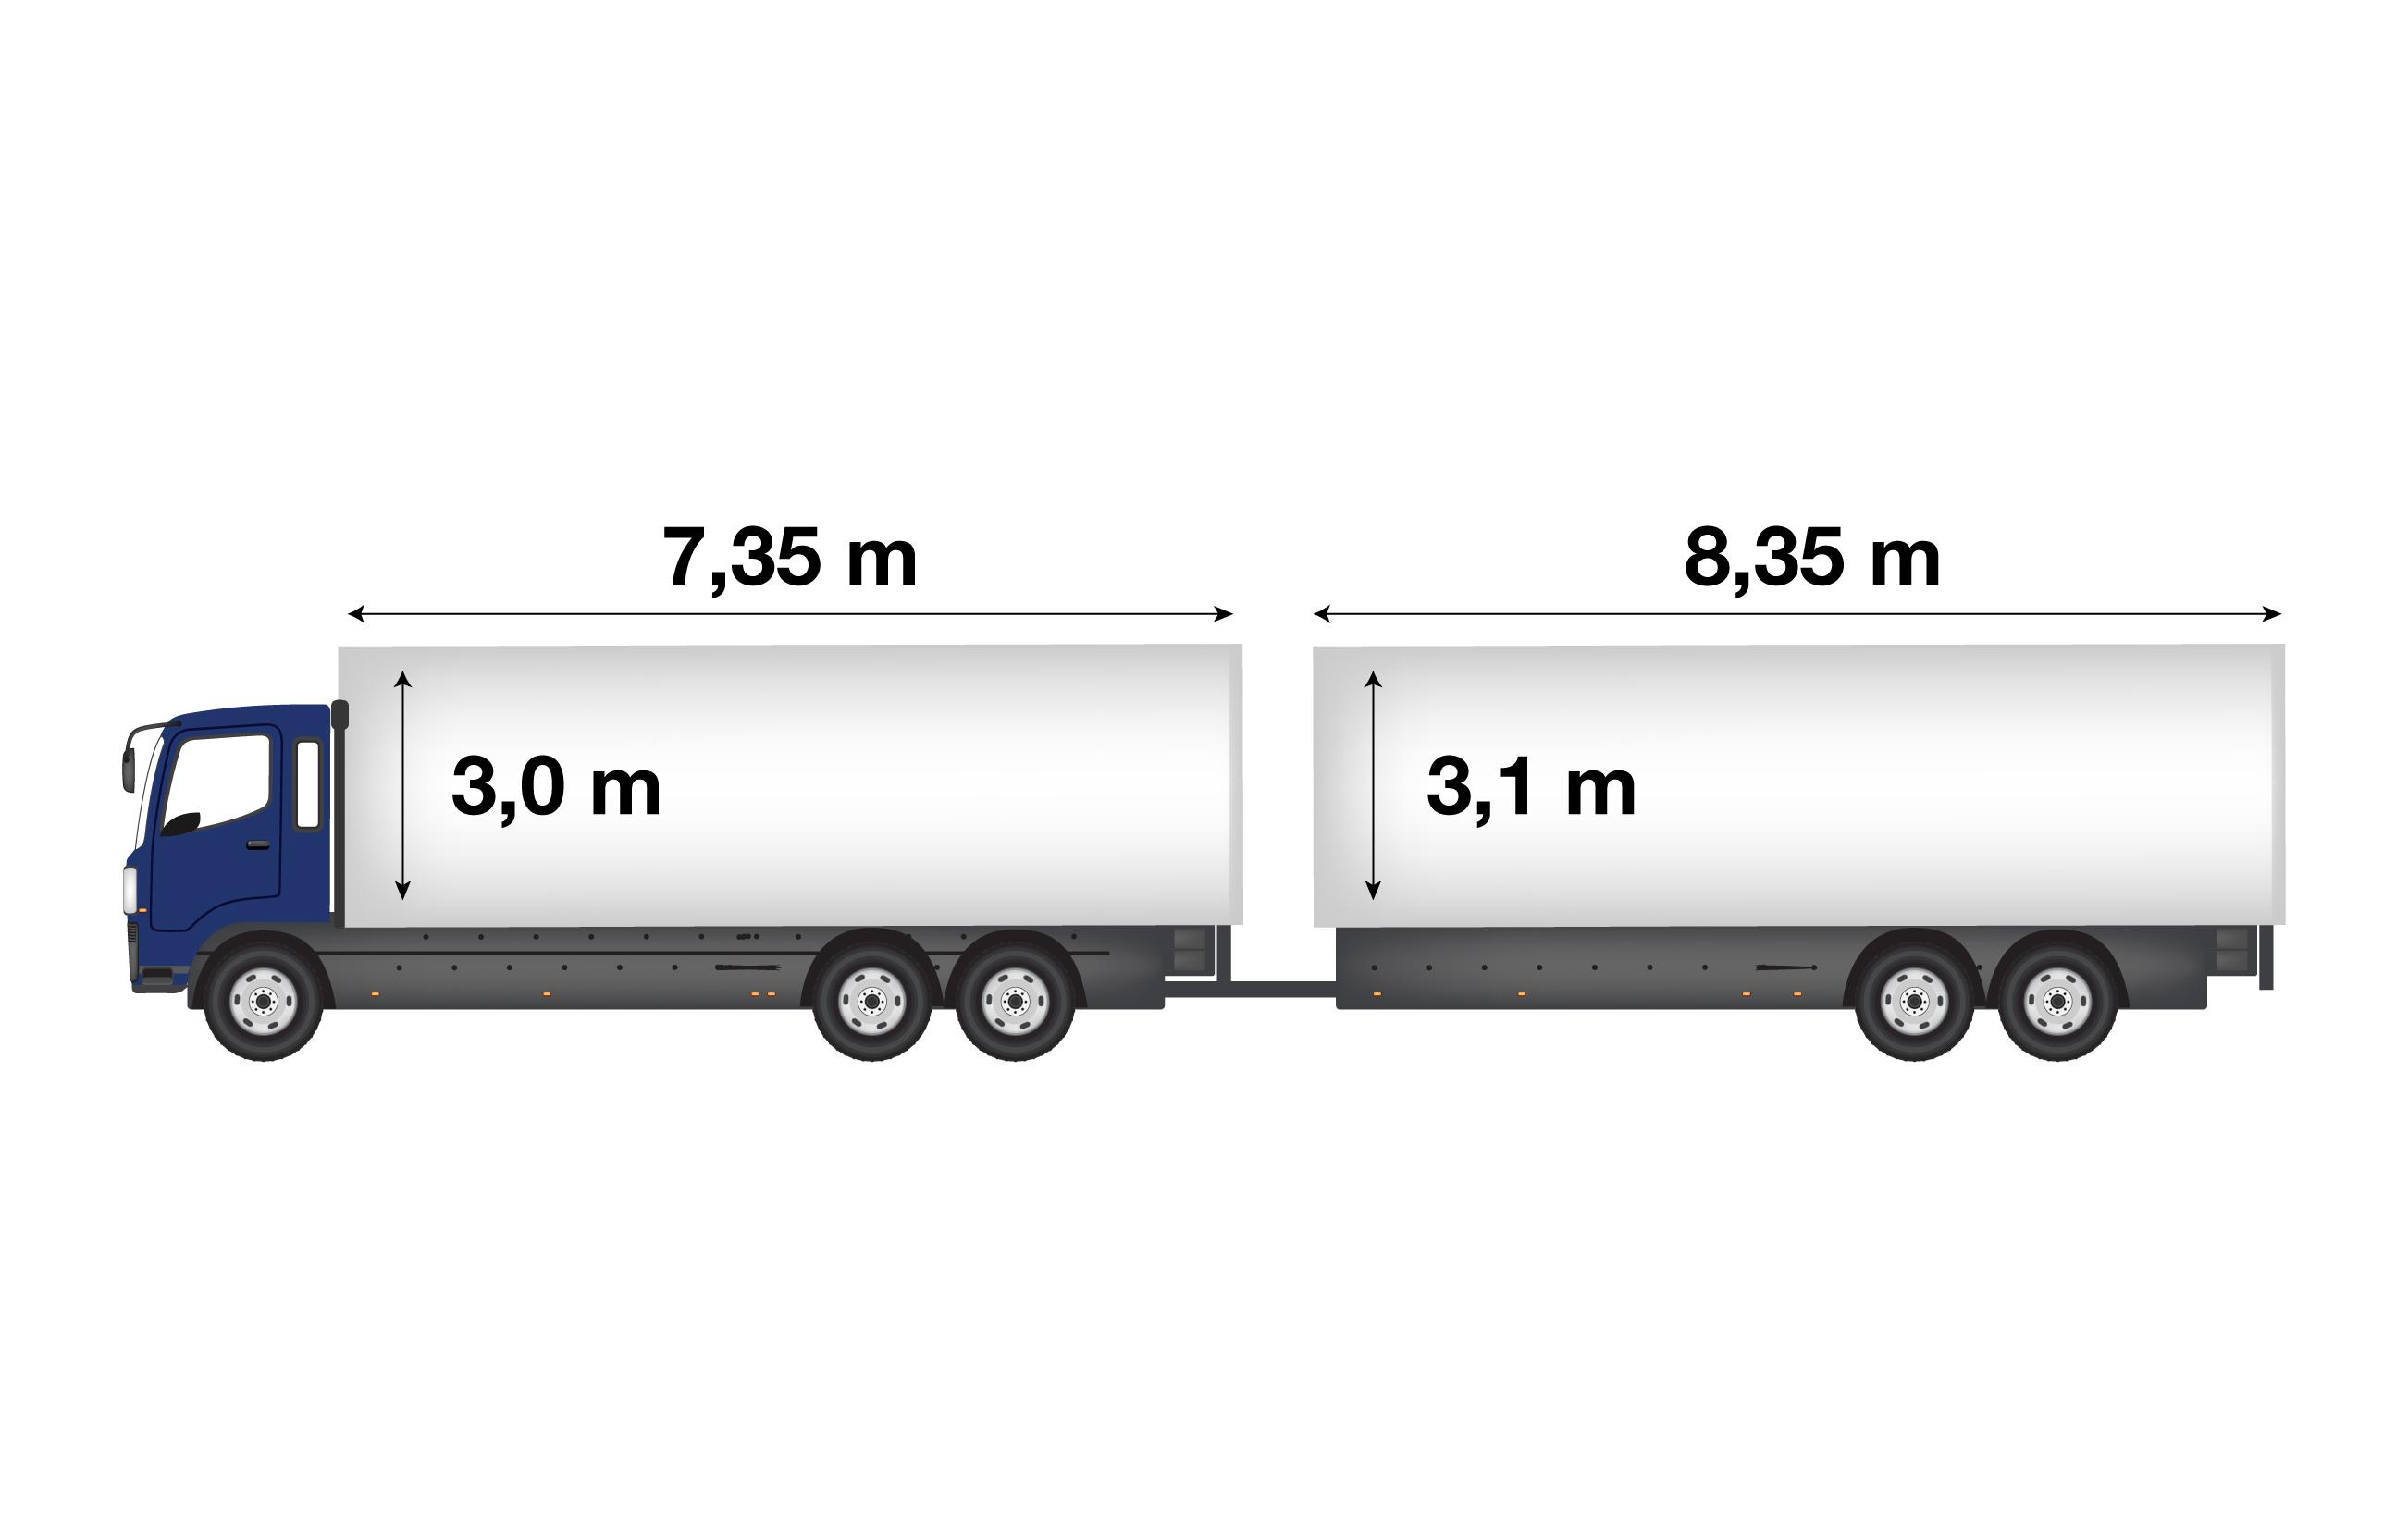 <p>Gran Volume (motrice 7,35 mt x 3,0 mt; rimorchio 3,1 mt x 8,35 mt)</p>